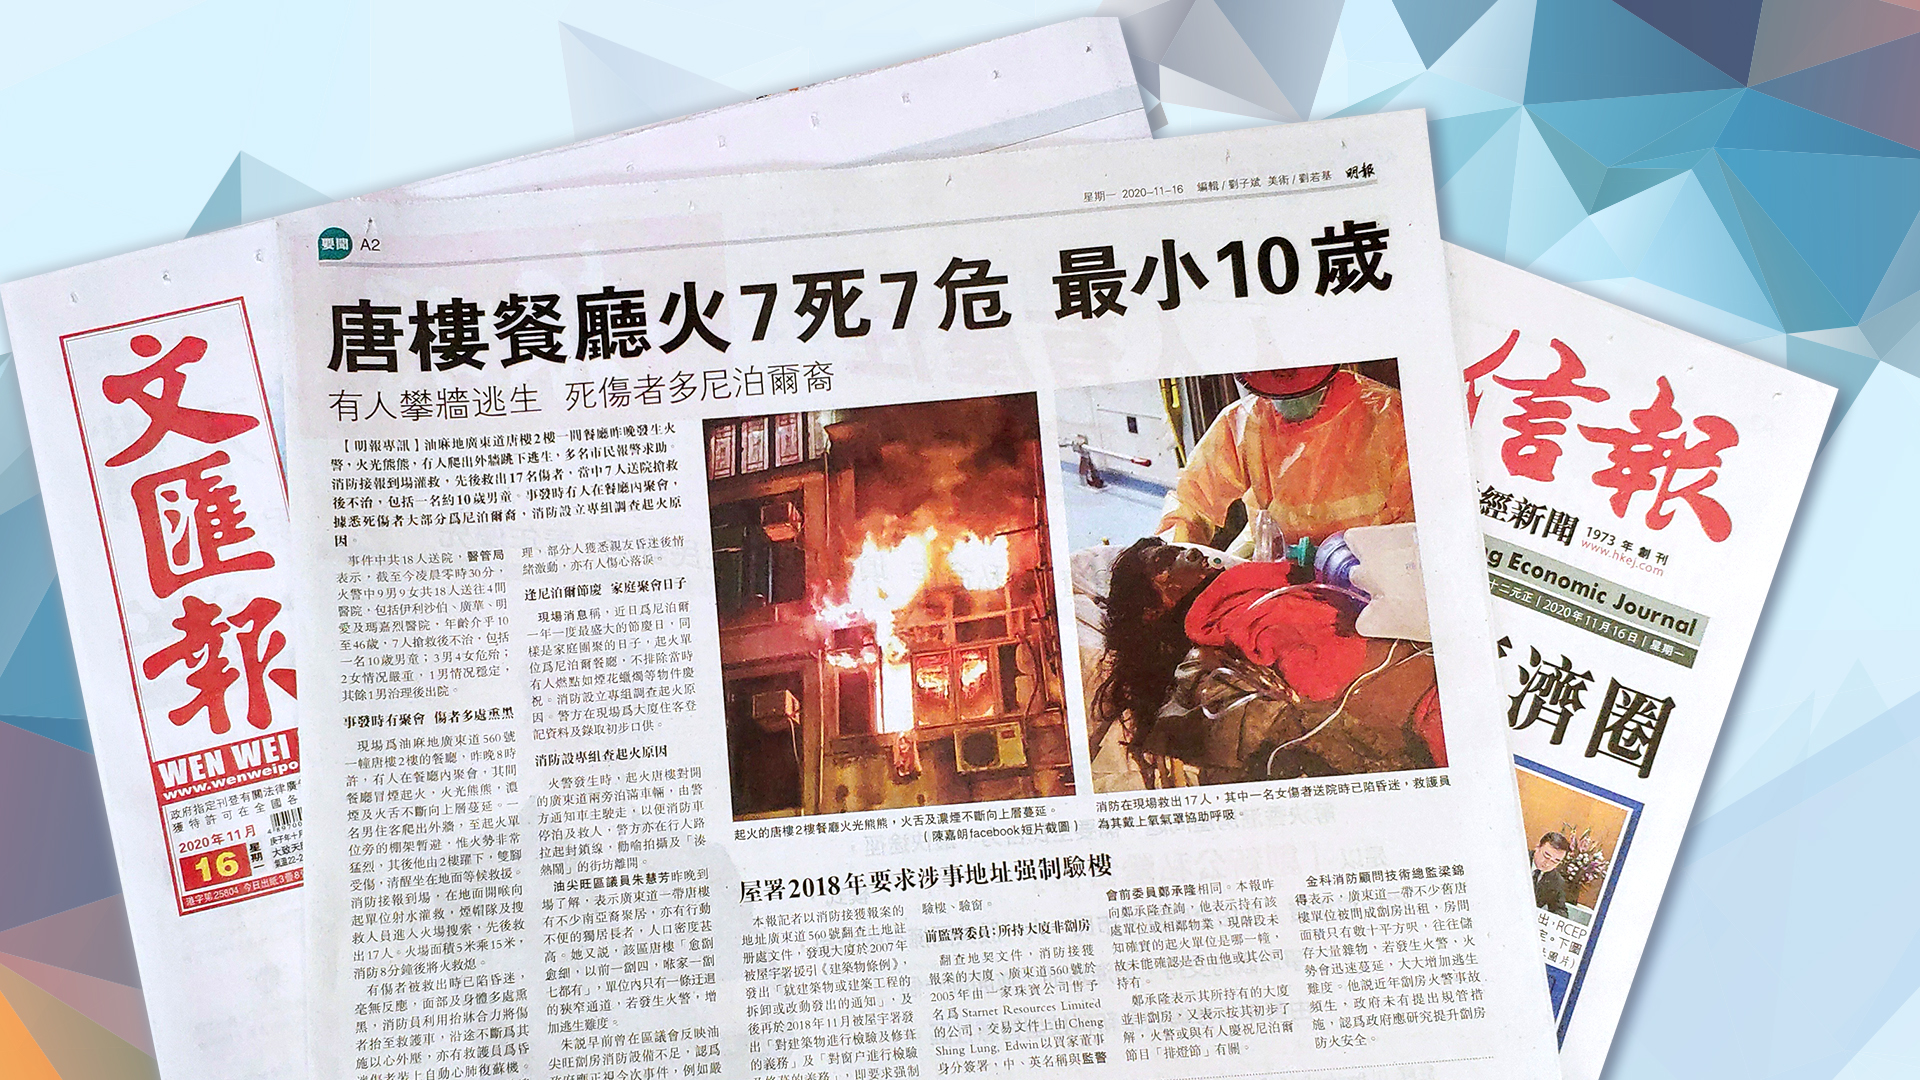 【報章A1速覽】唐樓餐廳火7死7危 最小10歲 有人攀牆逃生 死傷者多尼泊爾裔;【抗擊新冠肺炎】強制追蹤 唔搞點得